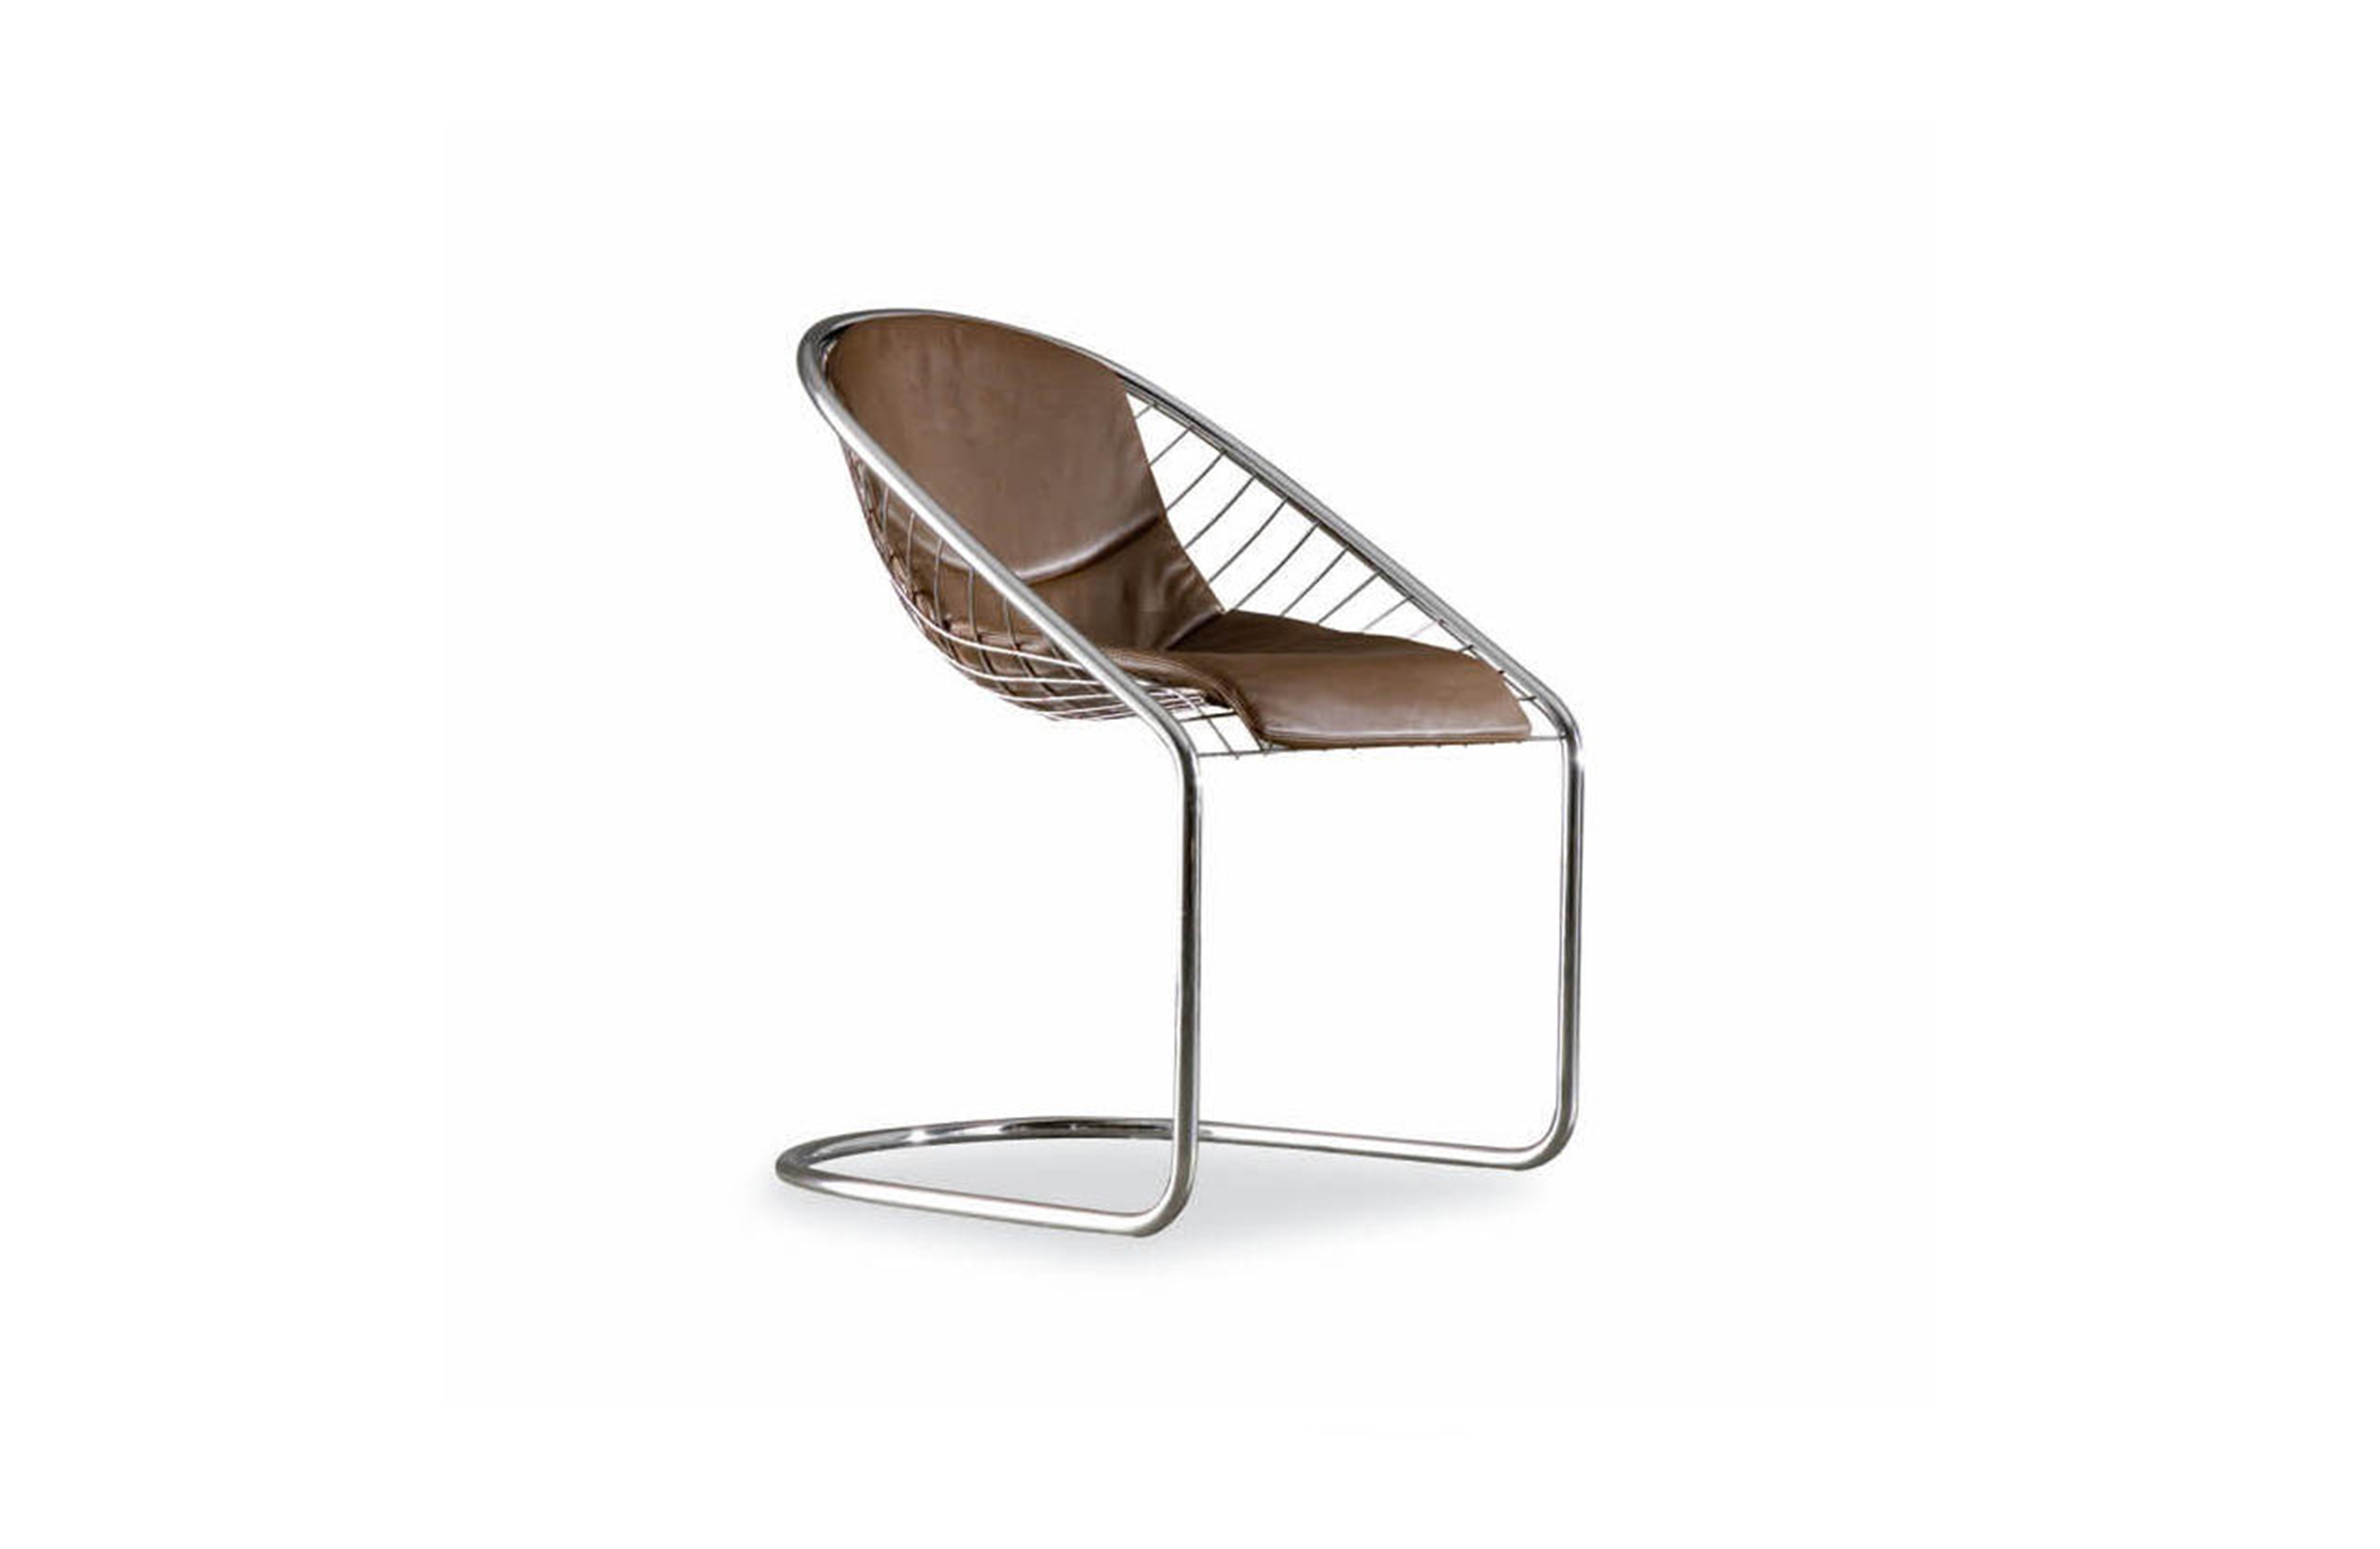 坐具|户外椅|创意家具|现代家居|时尚家具|设计师家具|定制家具|实木家具|科蒂娜椅